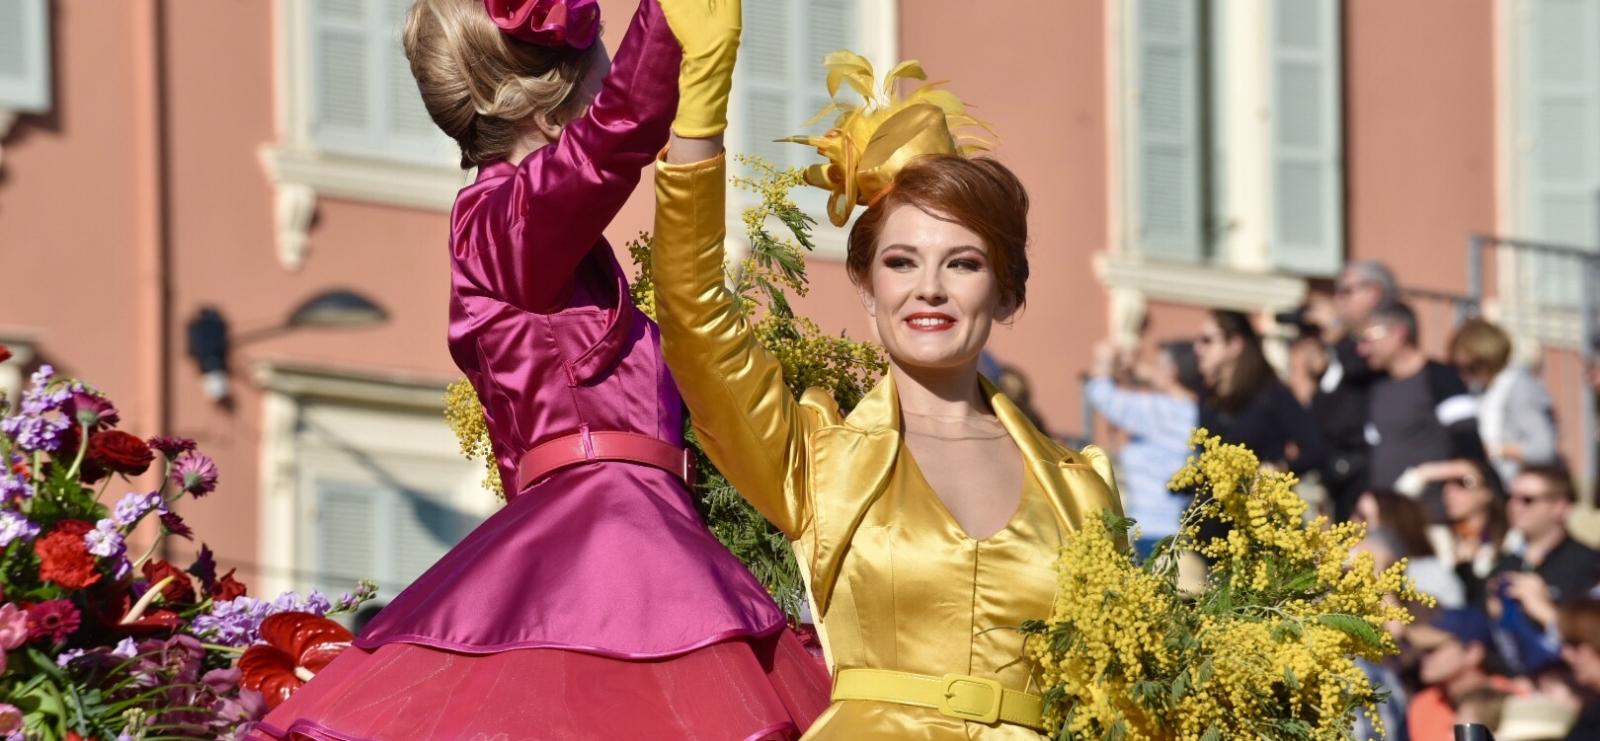 Bataille des fleurs du Carnaval de Nice